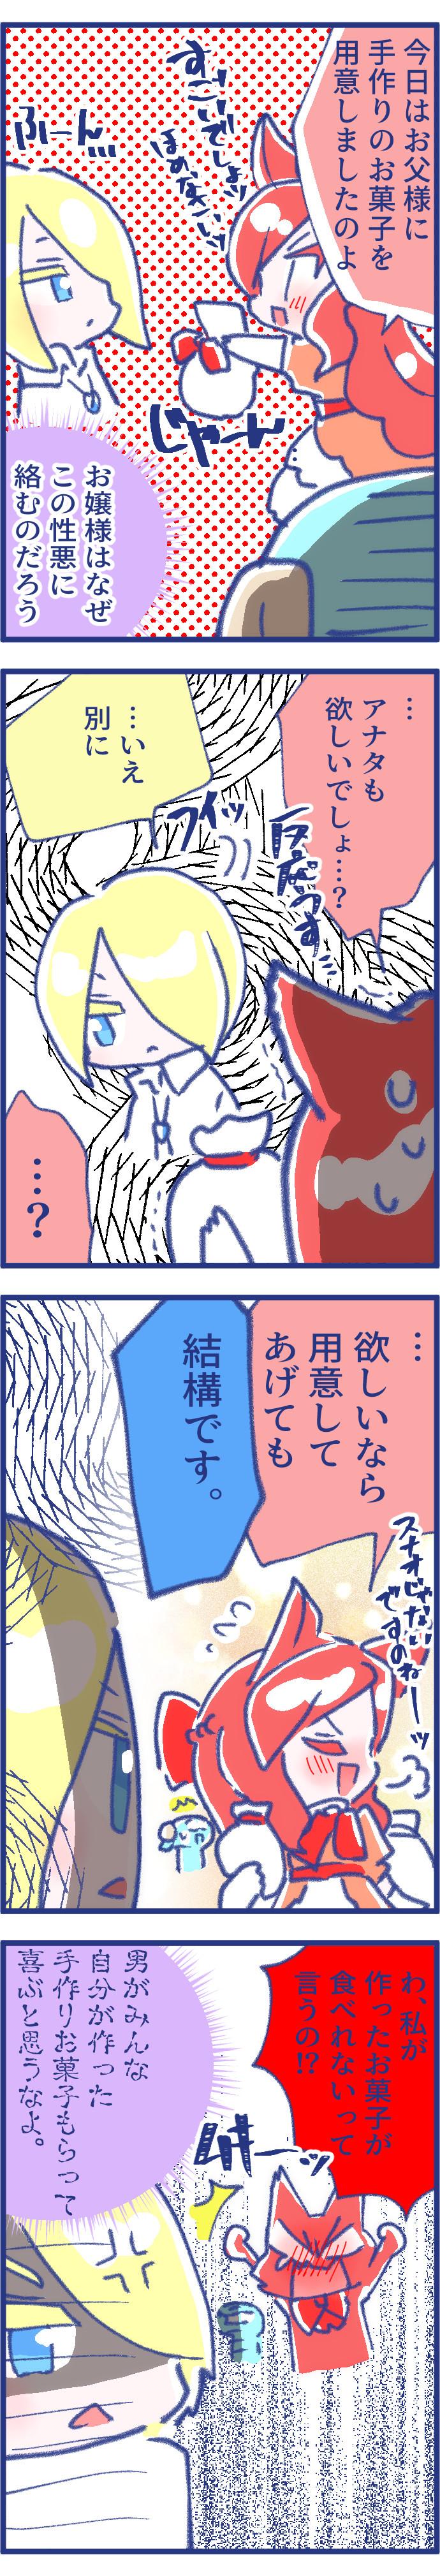 f:id:futagosiroan:20181111140414j:image